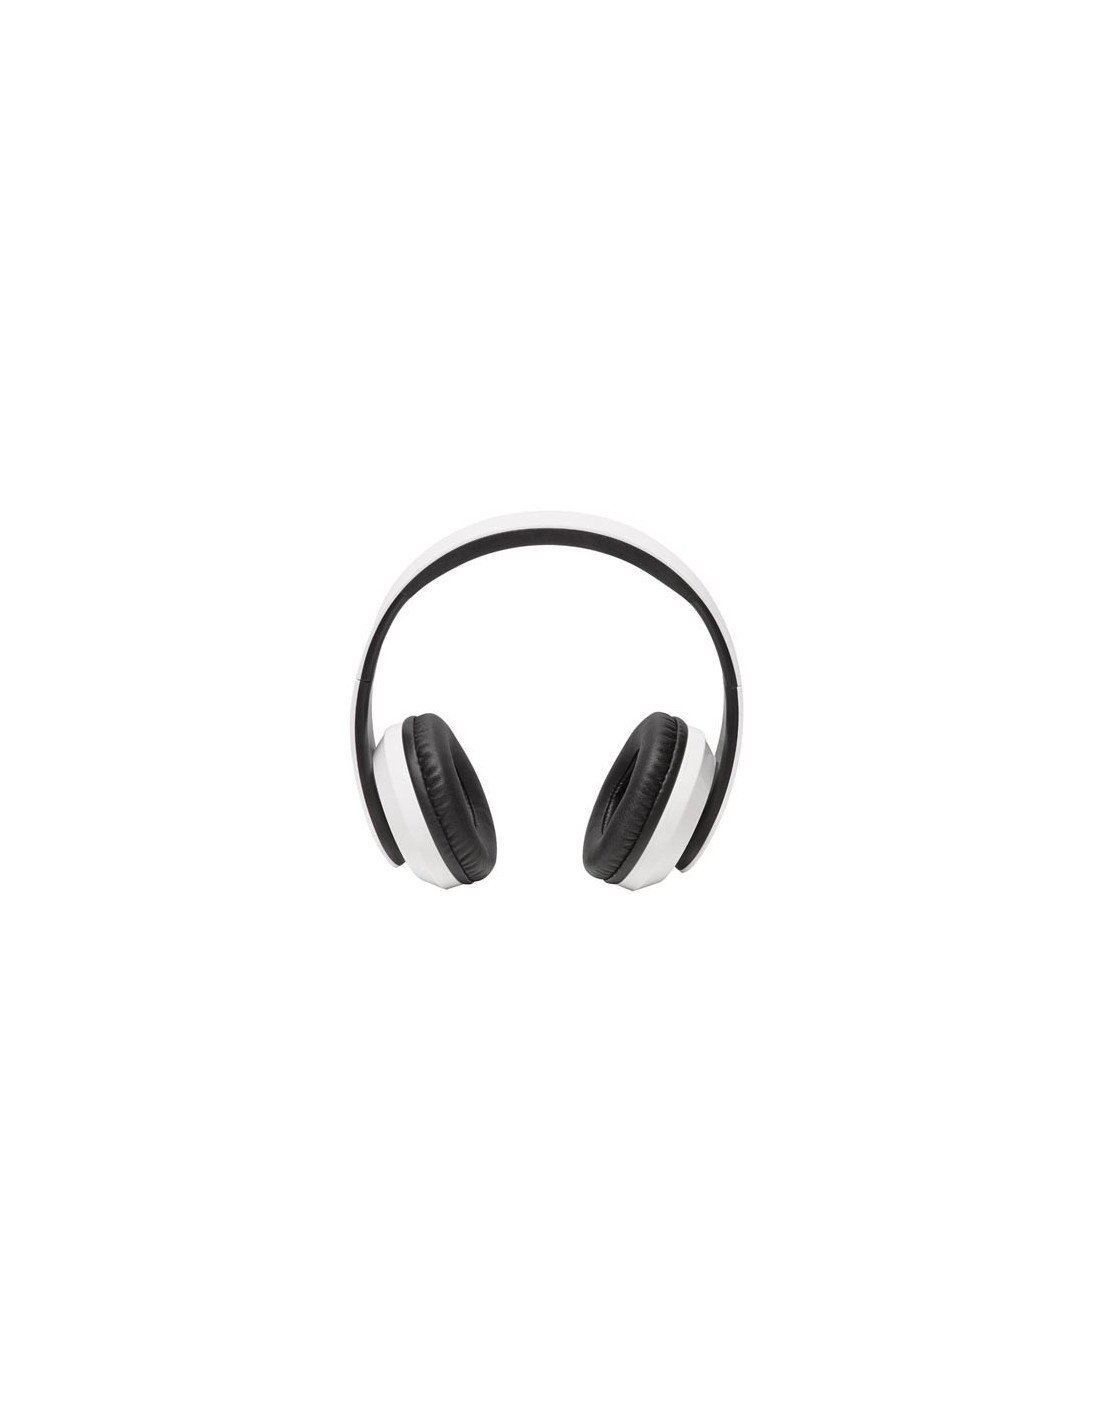 Denver Electronics BTH-203W Binaural Diadema Negro, Blanco Auricular con micrófono - Auriculares con micrófono (PC/Juegos, Binaural, Diadema, Negro, Blanco, ...